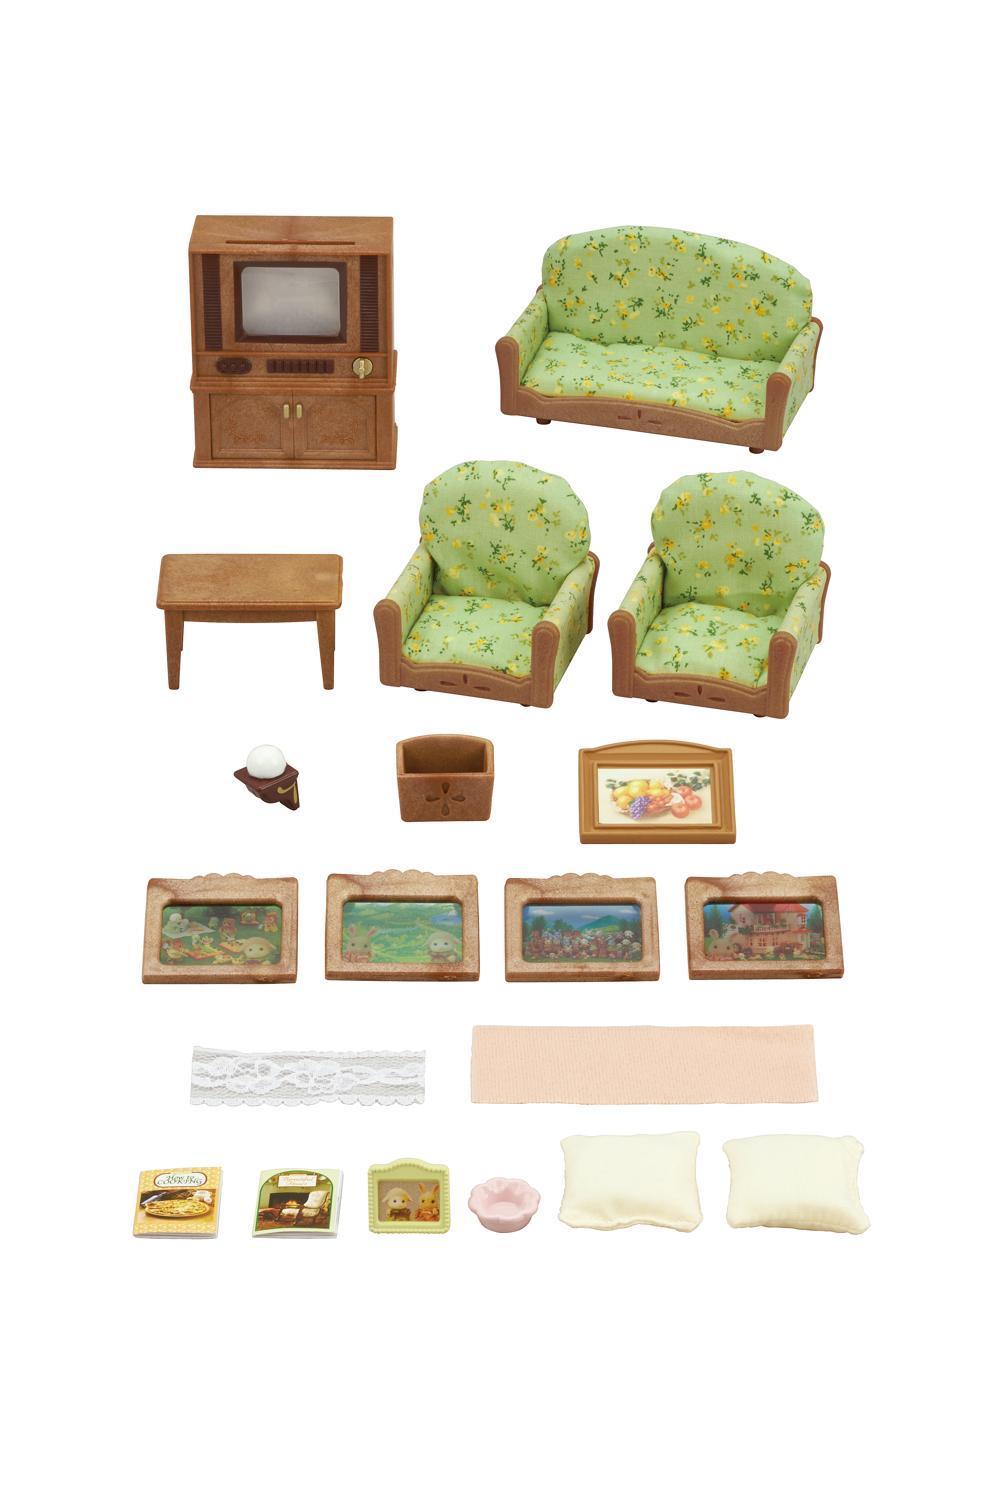 Sylvanian Families Wohnzimmer-und TV-Set